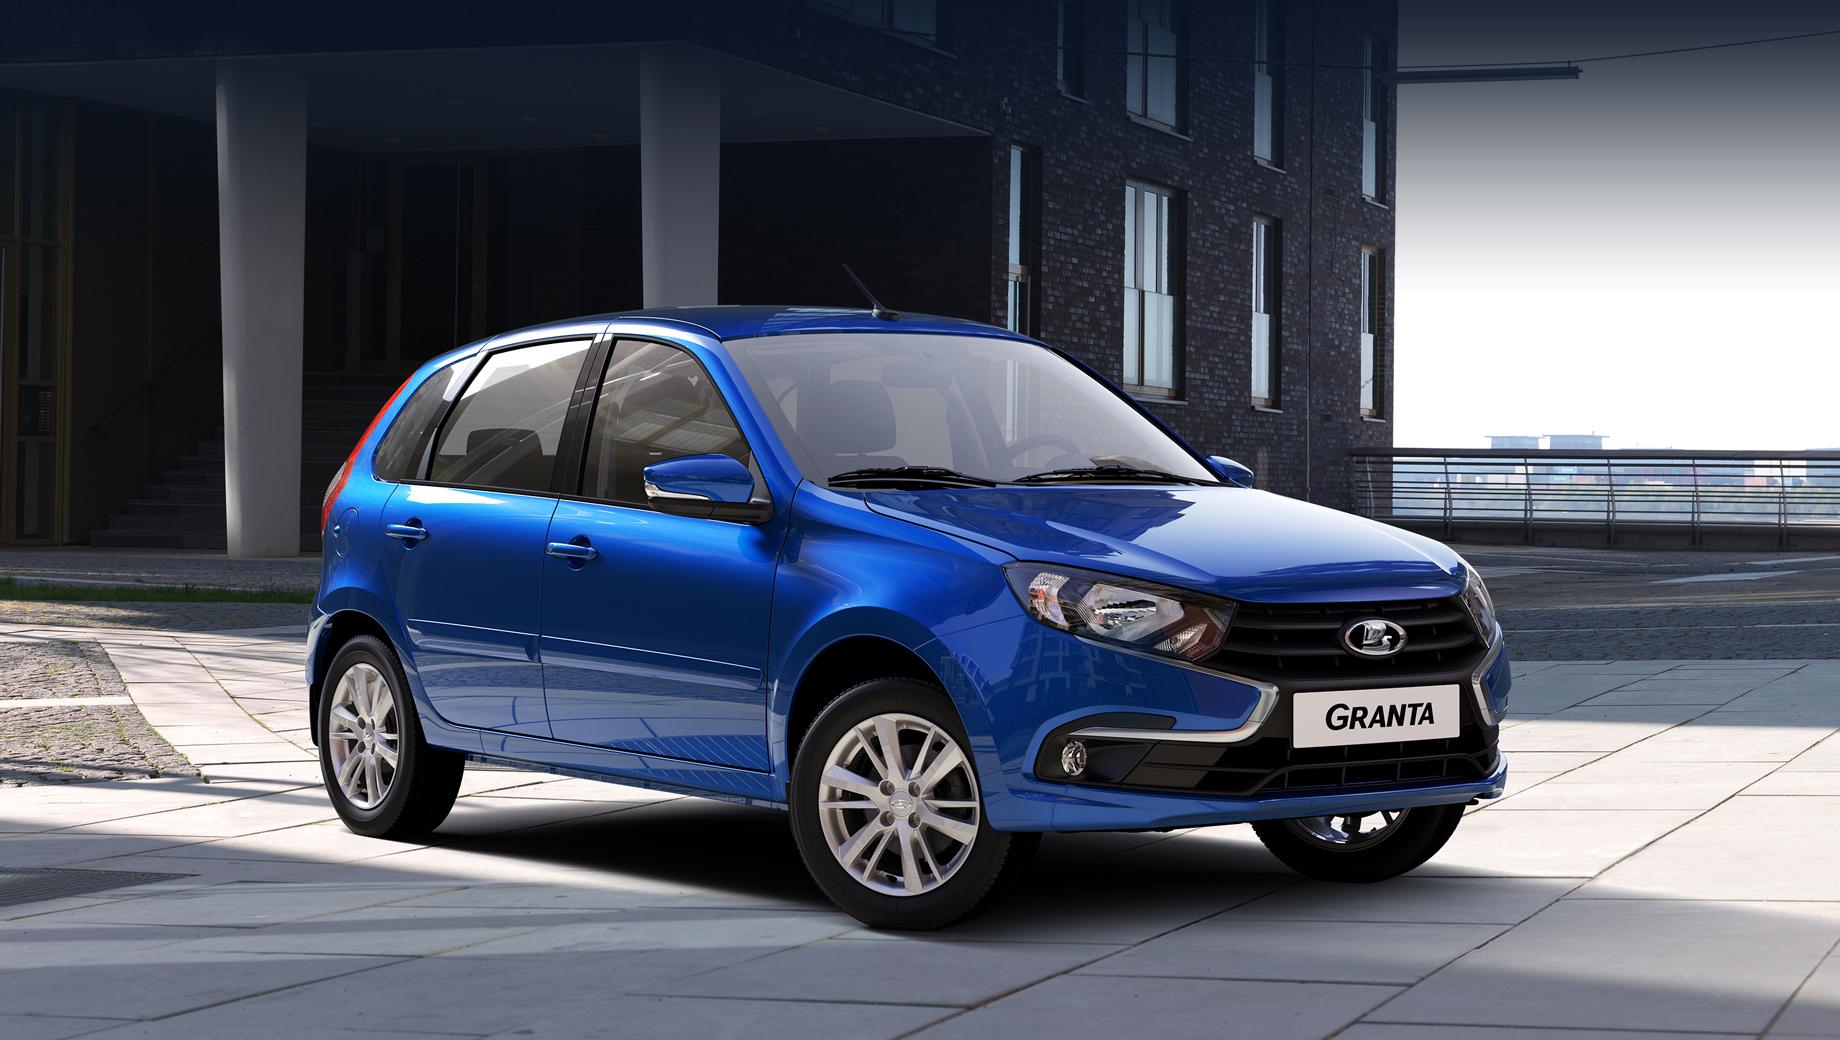 Все новые автомобили в России, которые можно купить менее чем за 800 тыс рублей